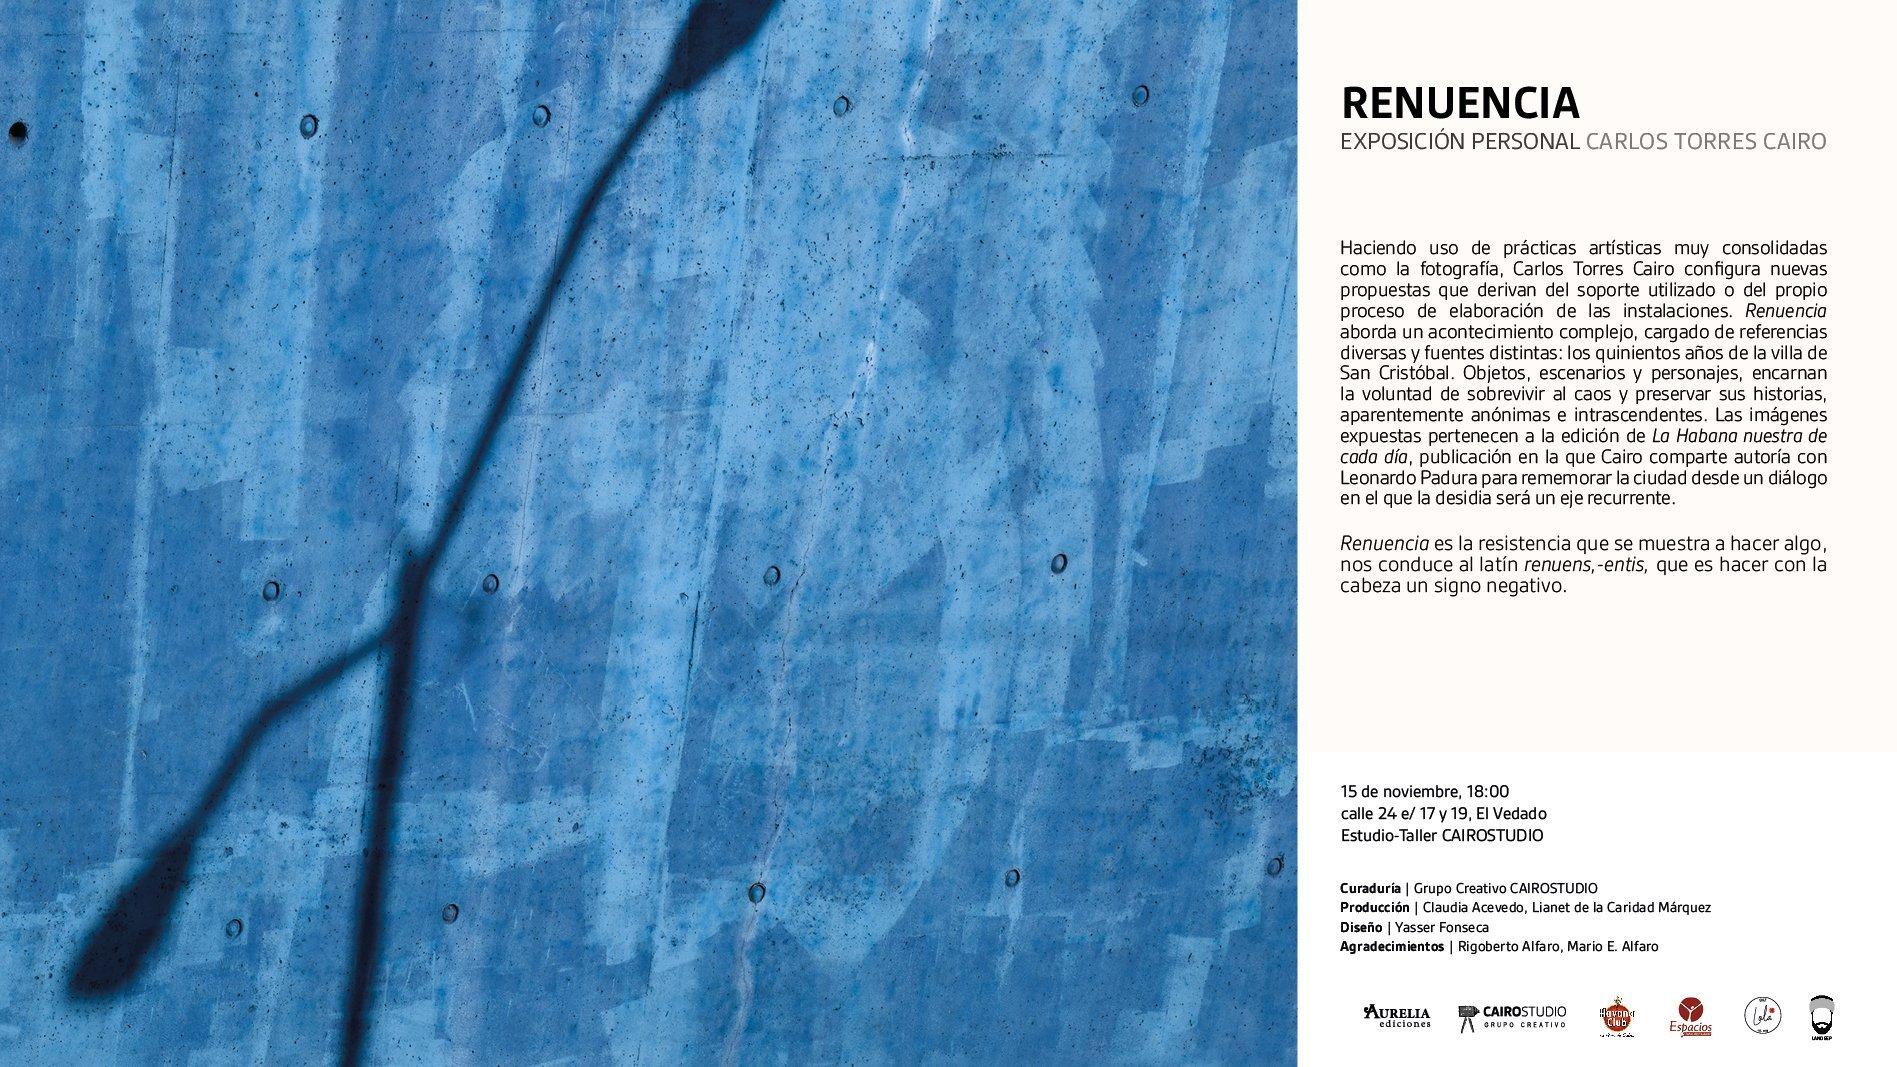 Invitación a la exposición de fotografía Renuencia, de Carlos Torres Cairo.